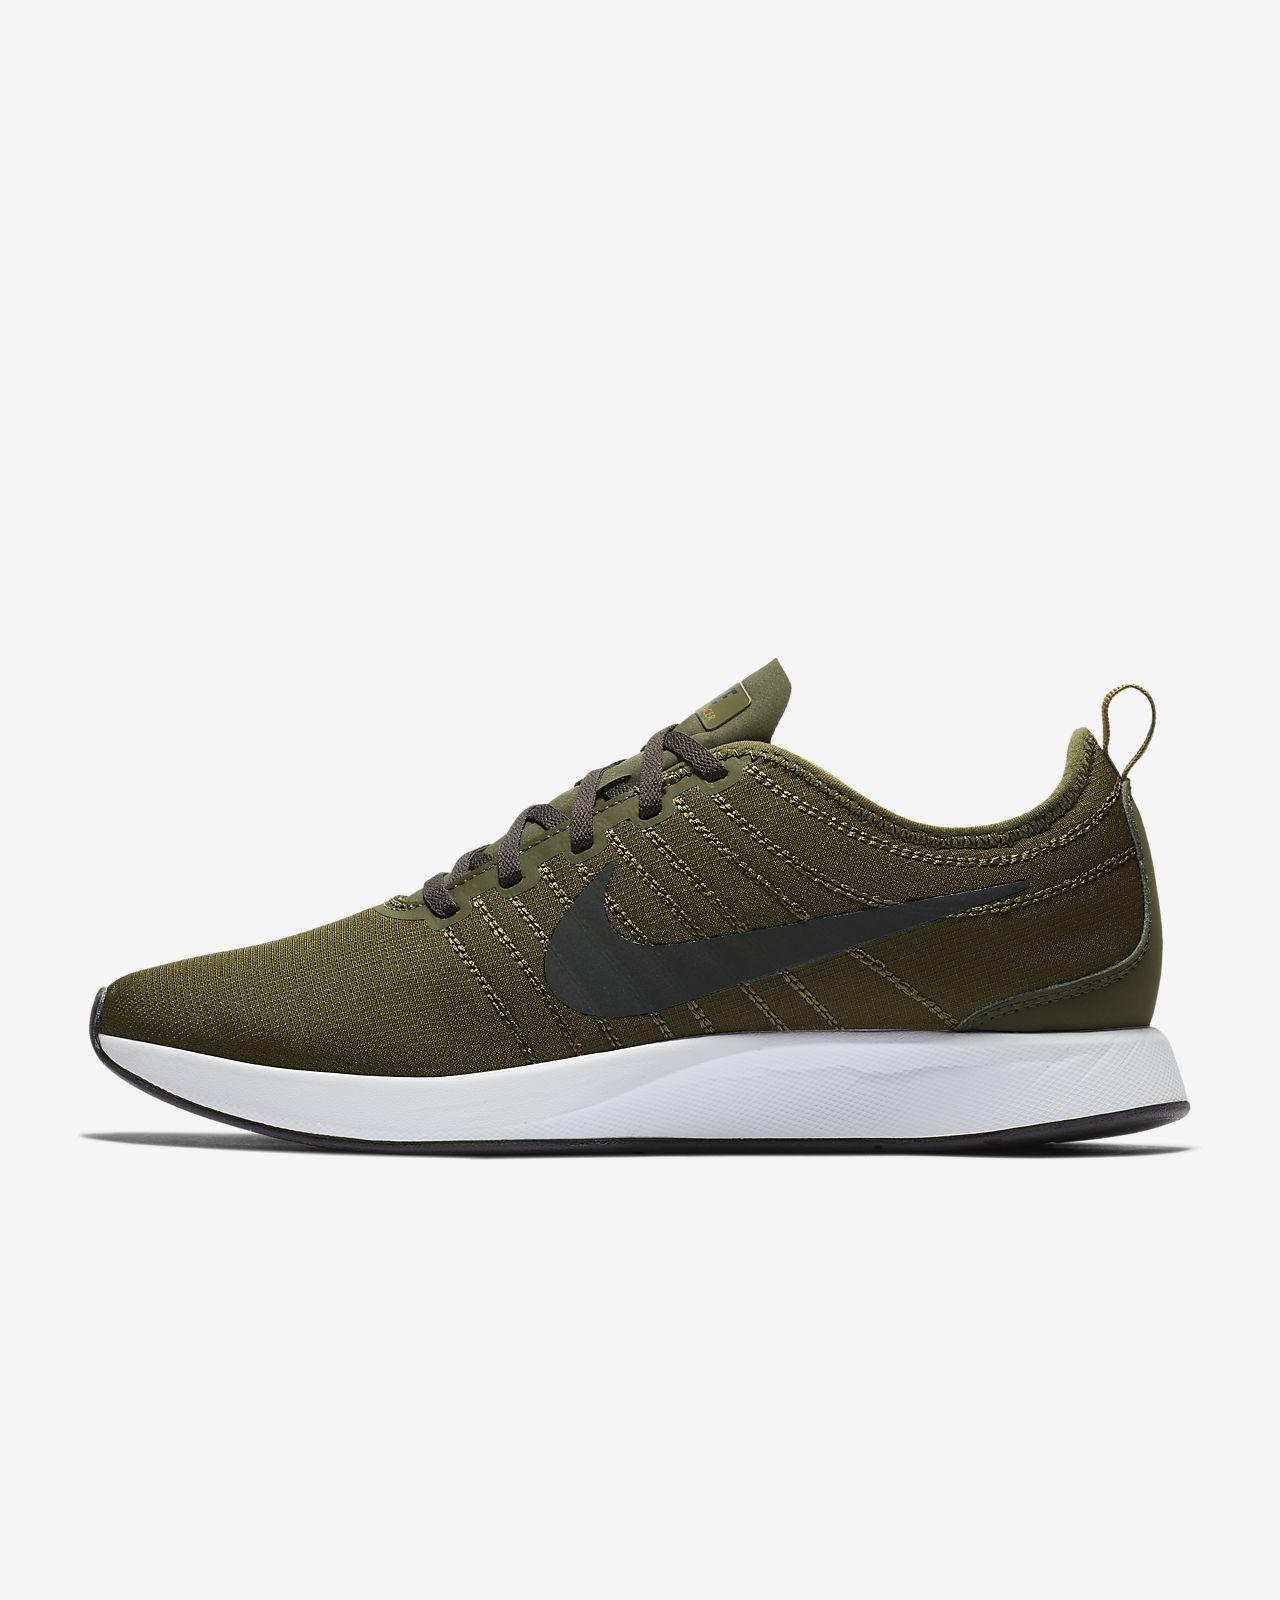 Calzado Racer Mx Dualtone Nike Para Hombre r7ZfqYr